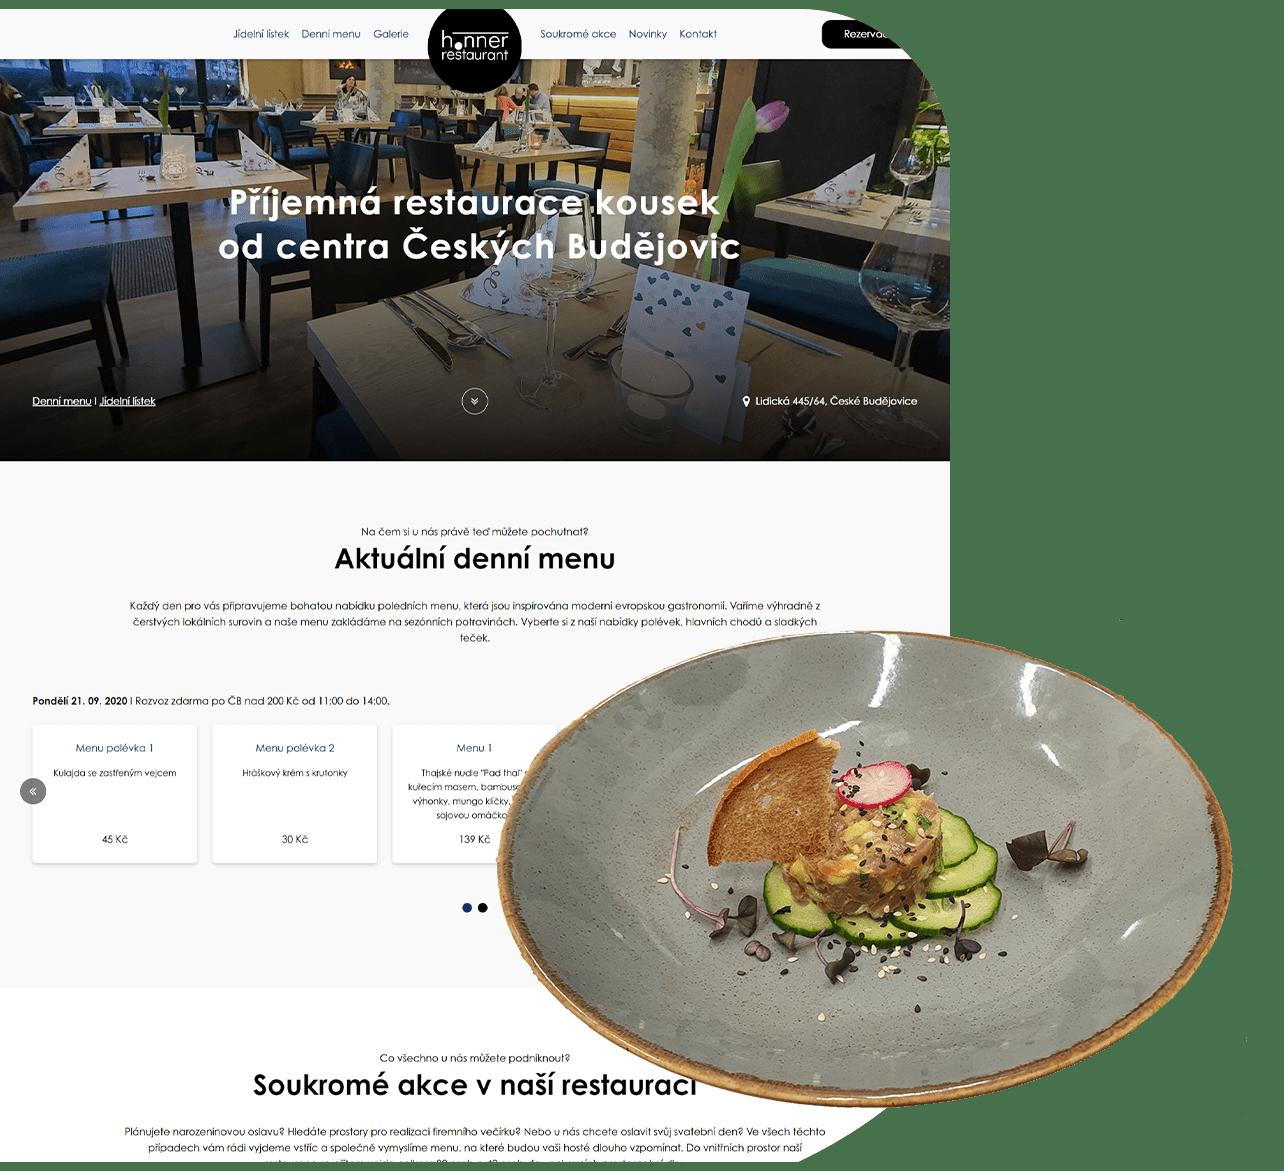 Fotka reference - Restaurace Honner